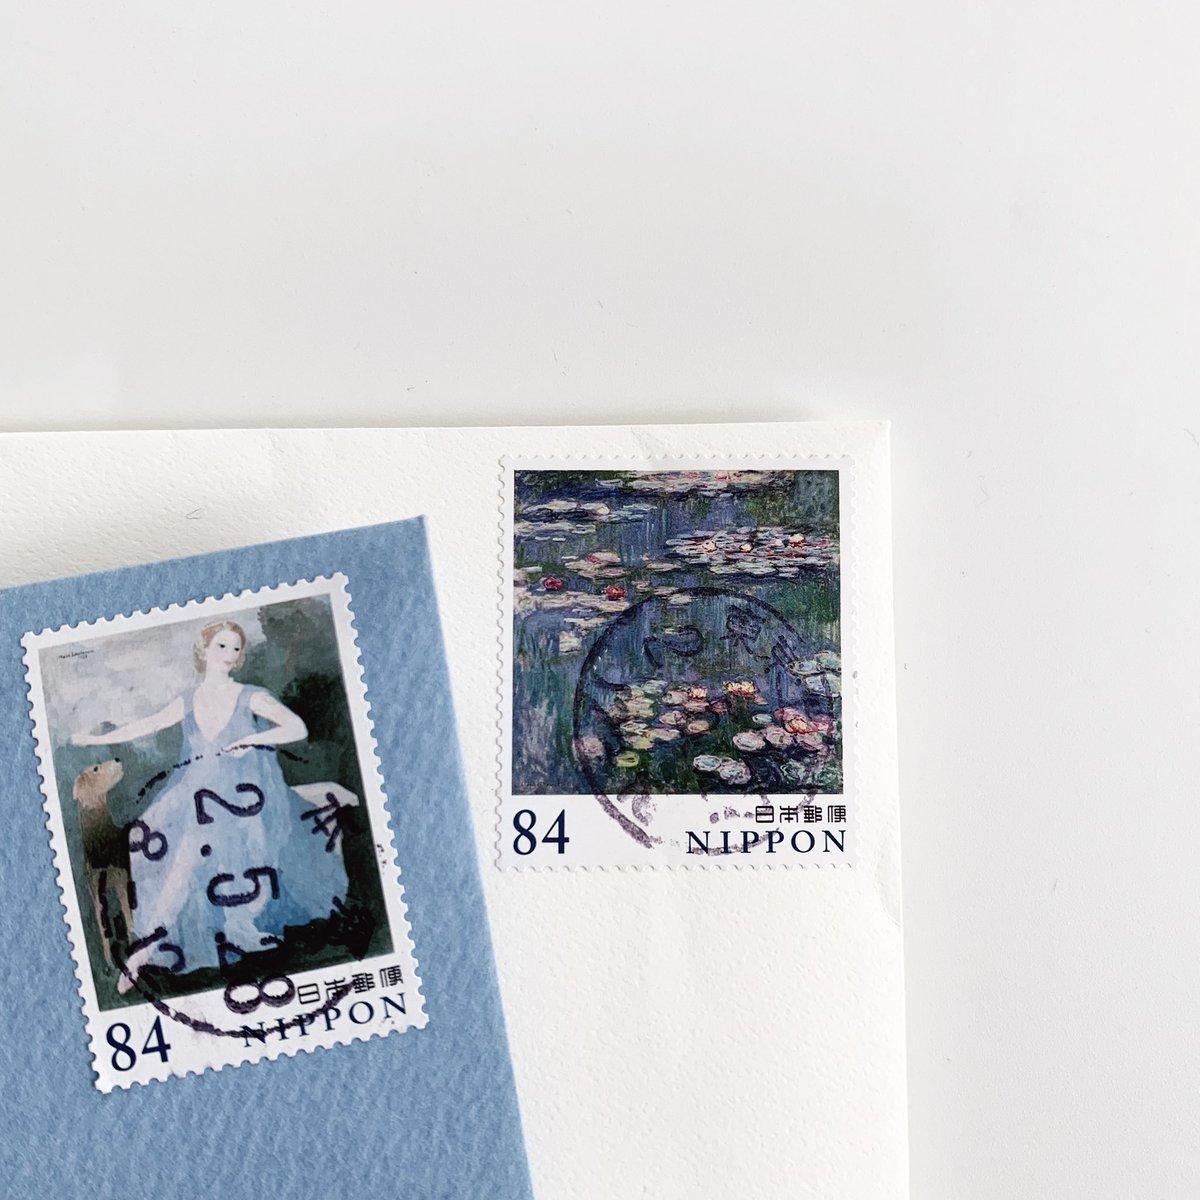 絵画の切手、友人からのお手紙に貼られていてから気になっていて、郵便局で買えた…🌧美術の世界、なおかつ「青の世界」だなんてチョイスが素晴らしい